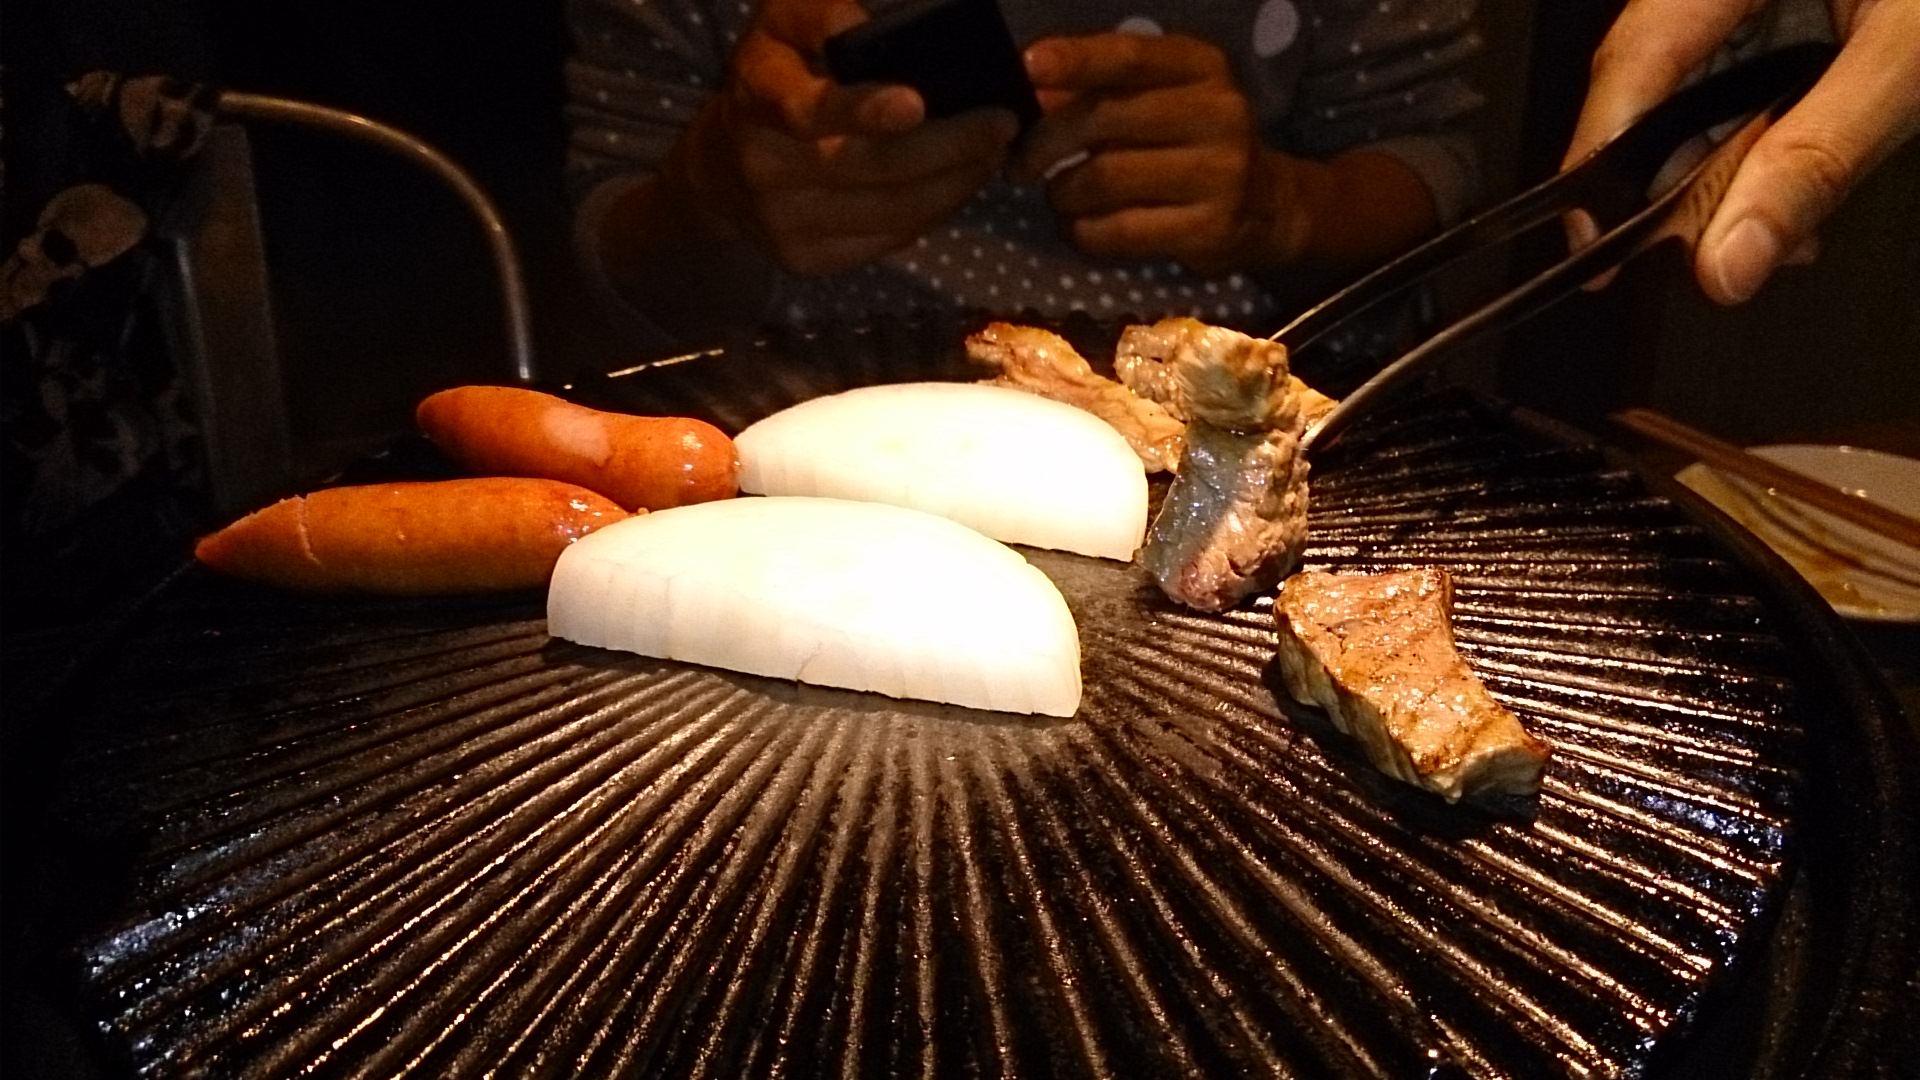 渋谷の「ロッキー馬力屋」の馬肉料理と店長の語りが素晴らしすぎる件